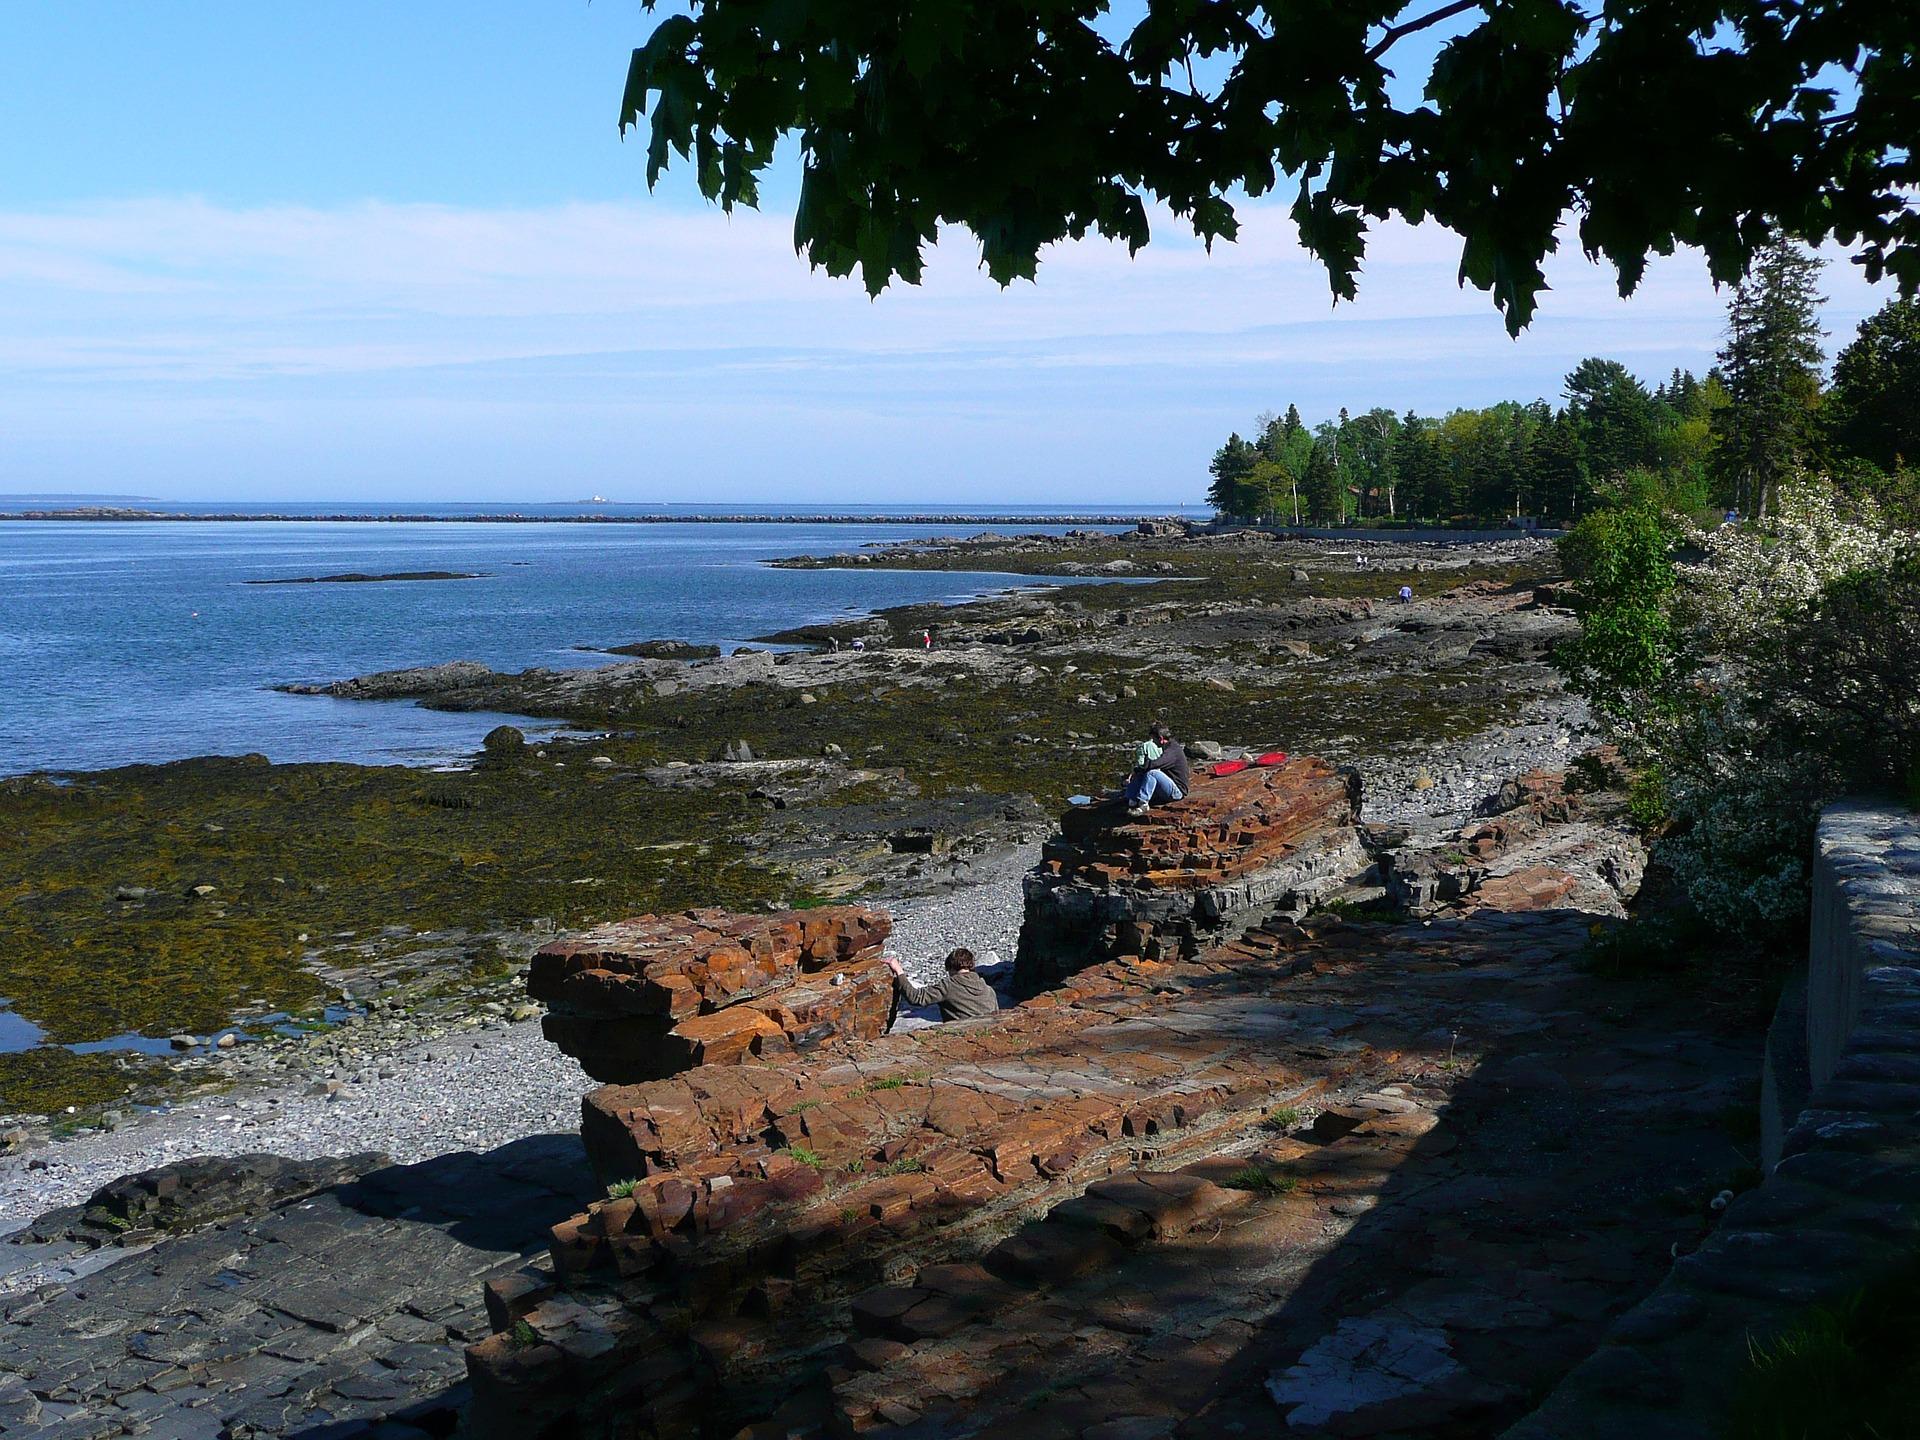 shoreline-54963_1920